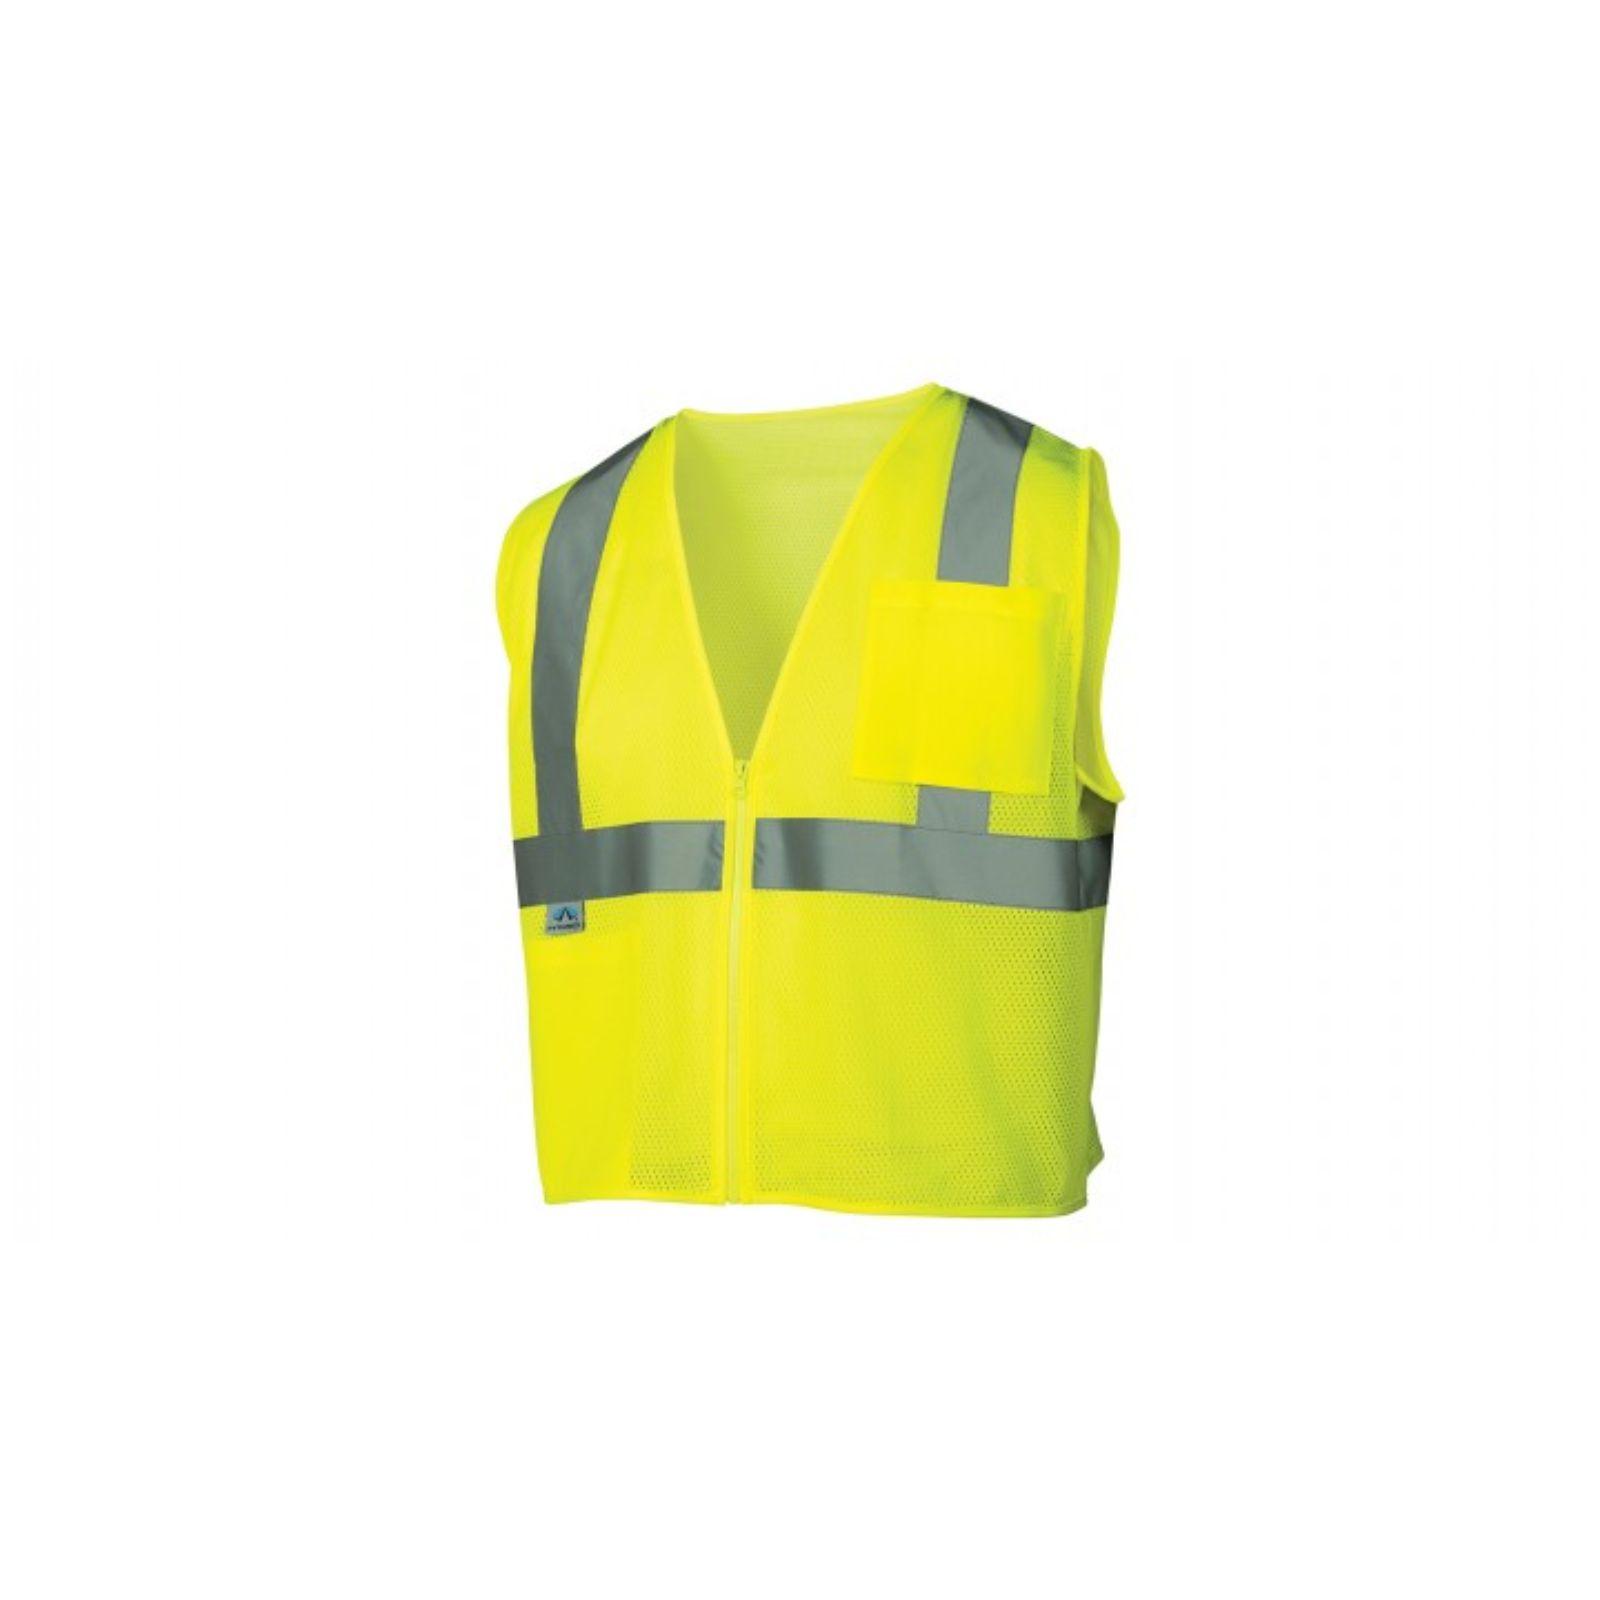 Pyramex Safety Vest - Hi-Vis Lime L